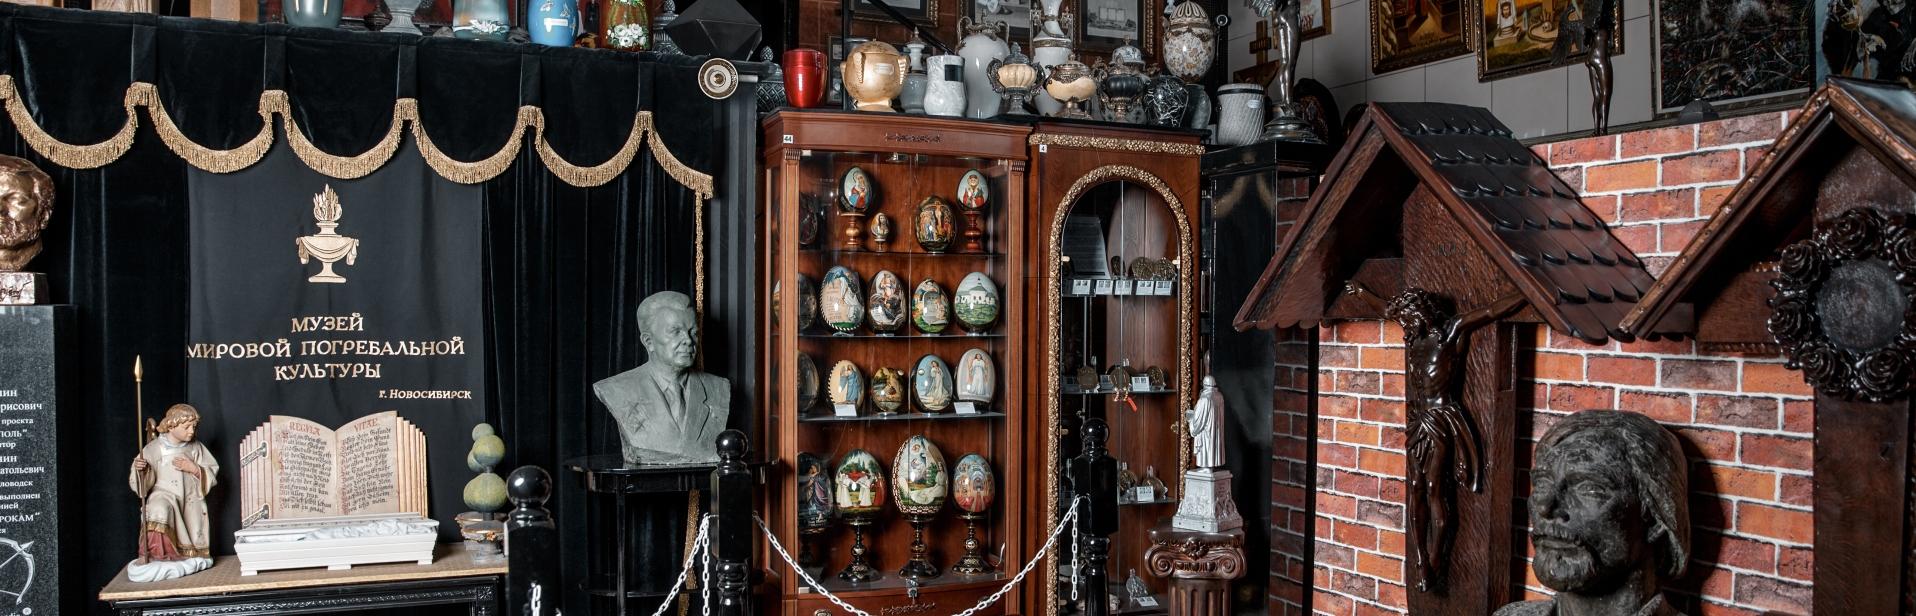 экспозиции-музея-смерти (3)